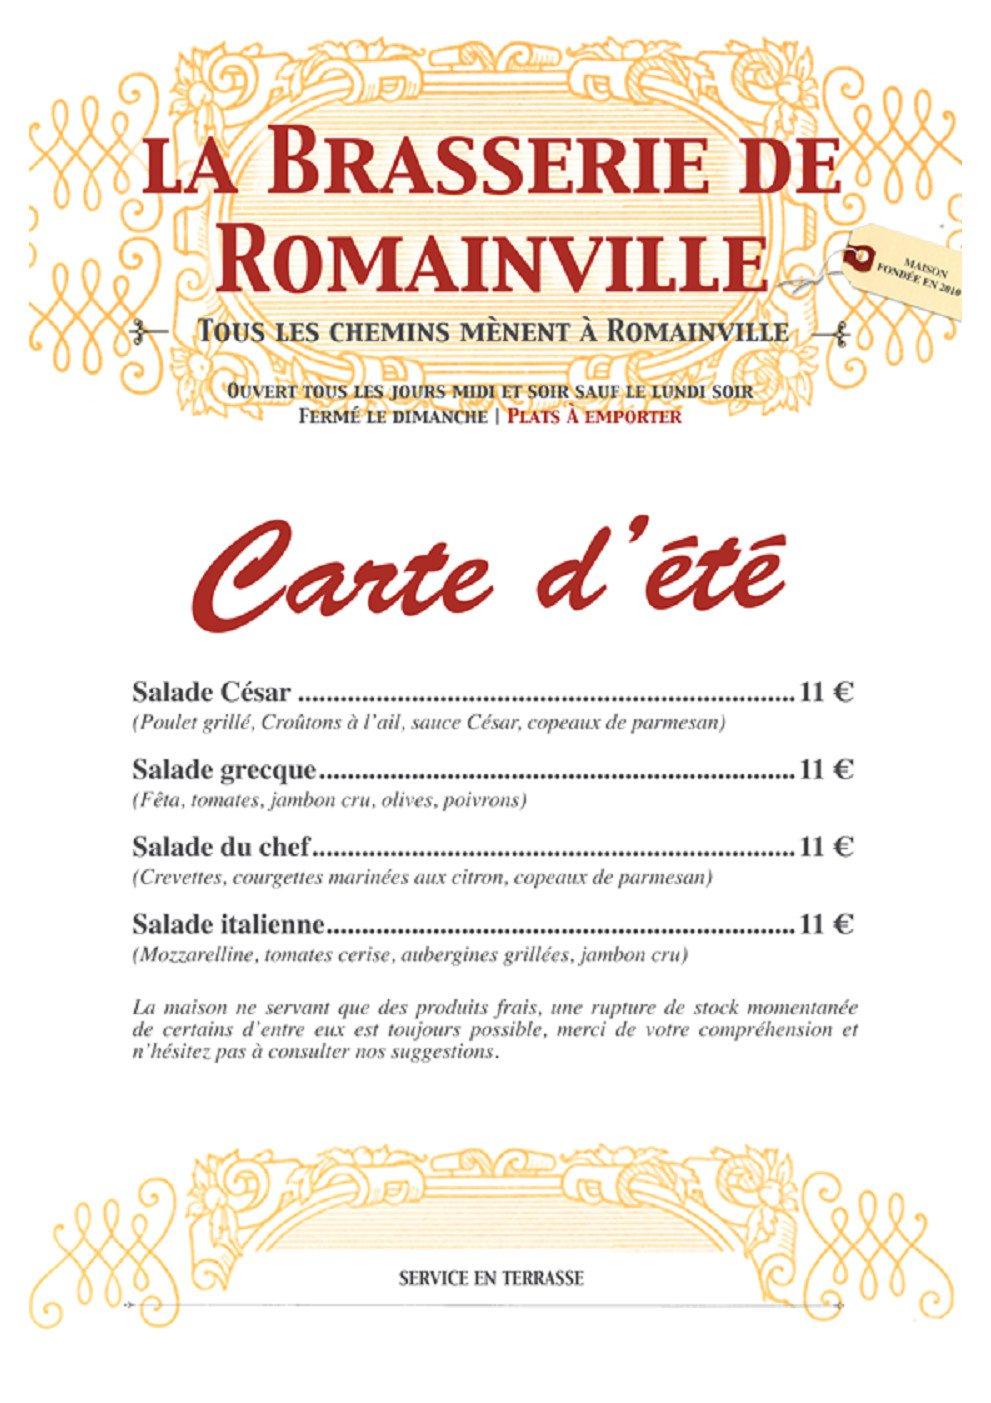 La brasserie de romainville valenciennes carte menu et for Menu ete original